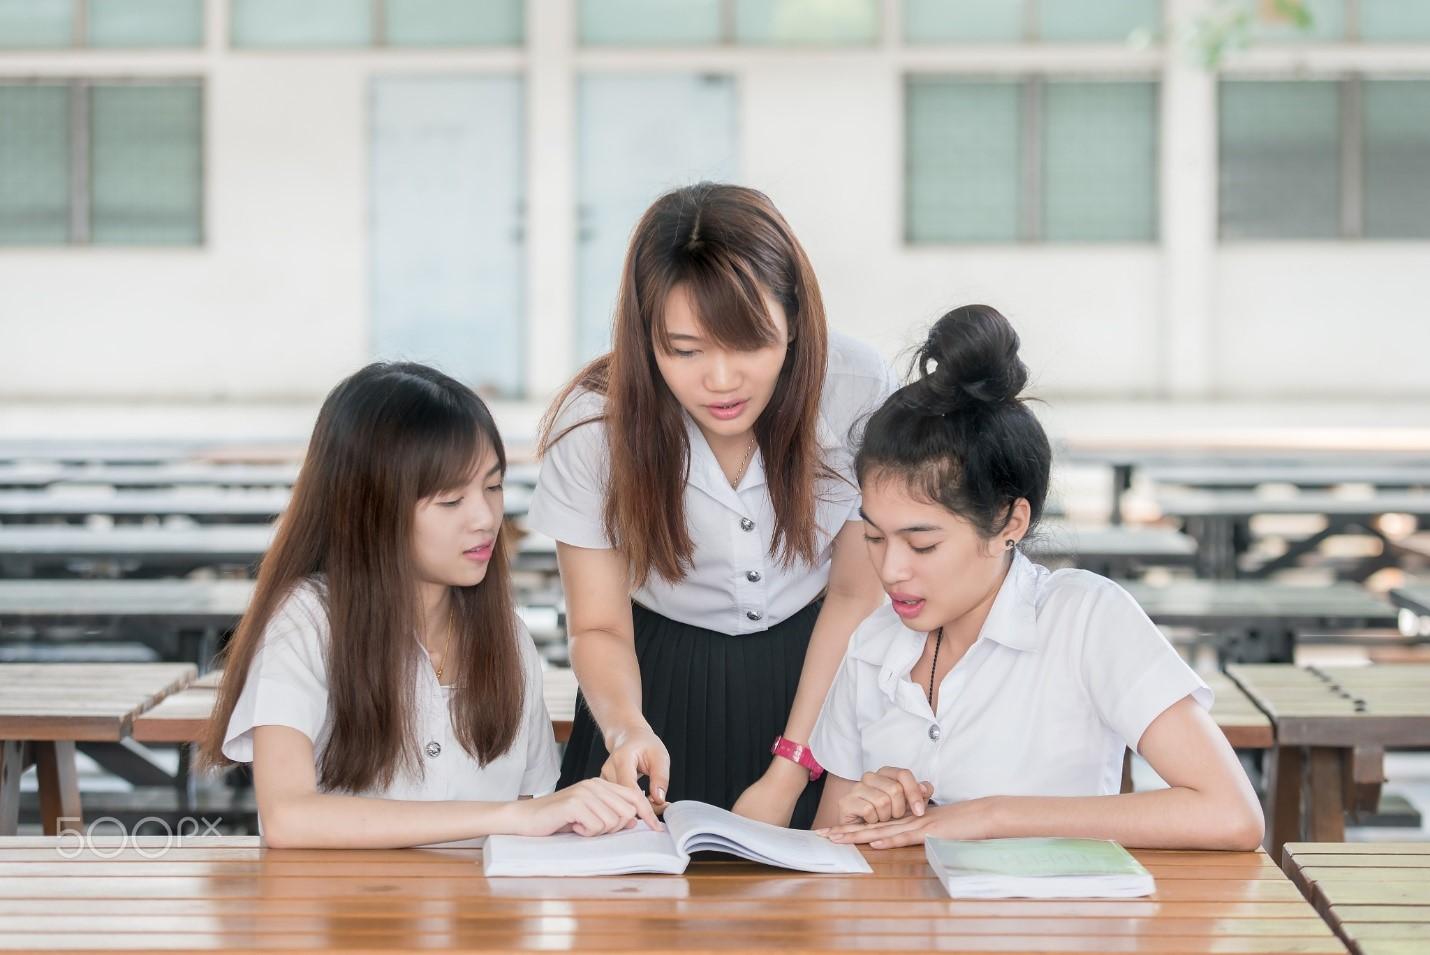 Du học Philippines - Các khóa học tiếng Anh tại Philippines